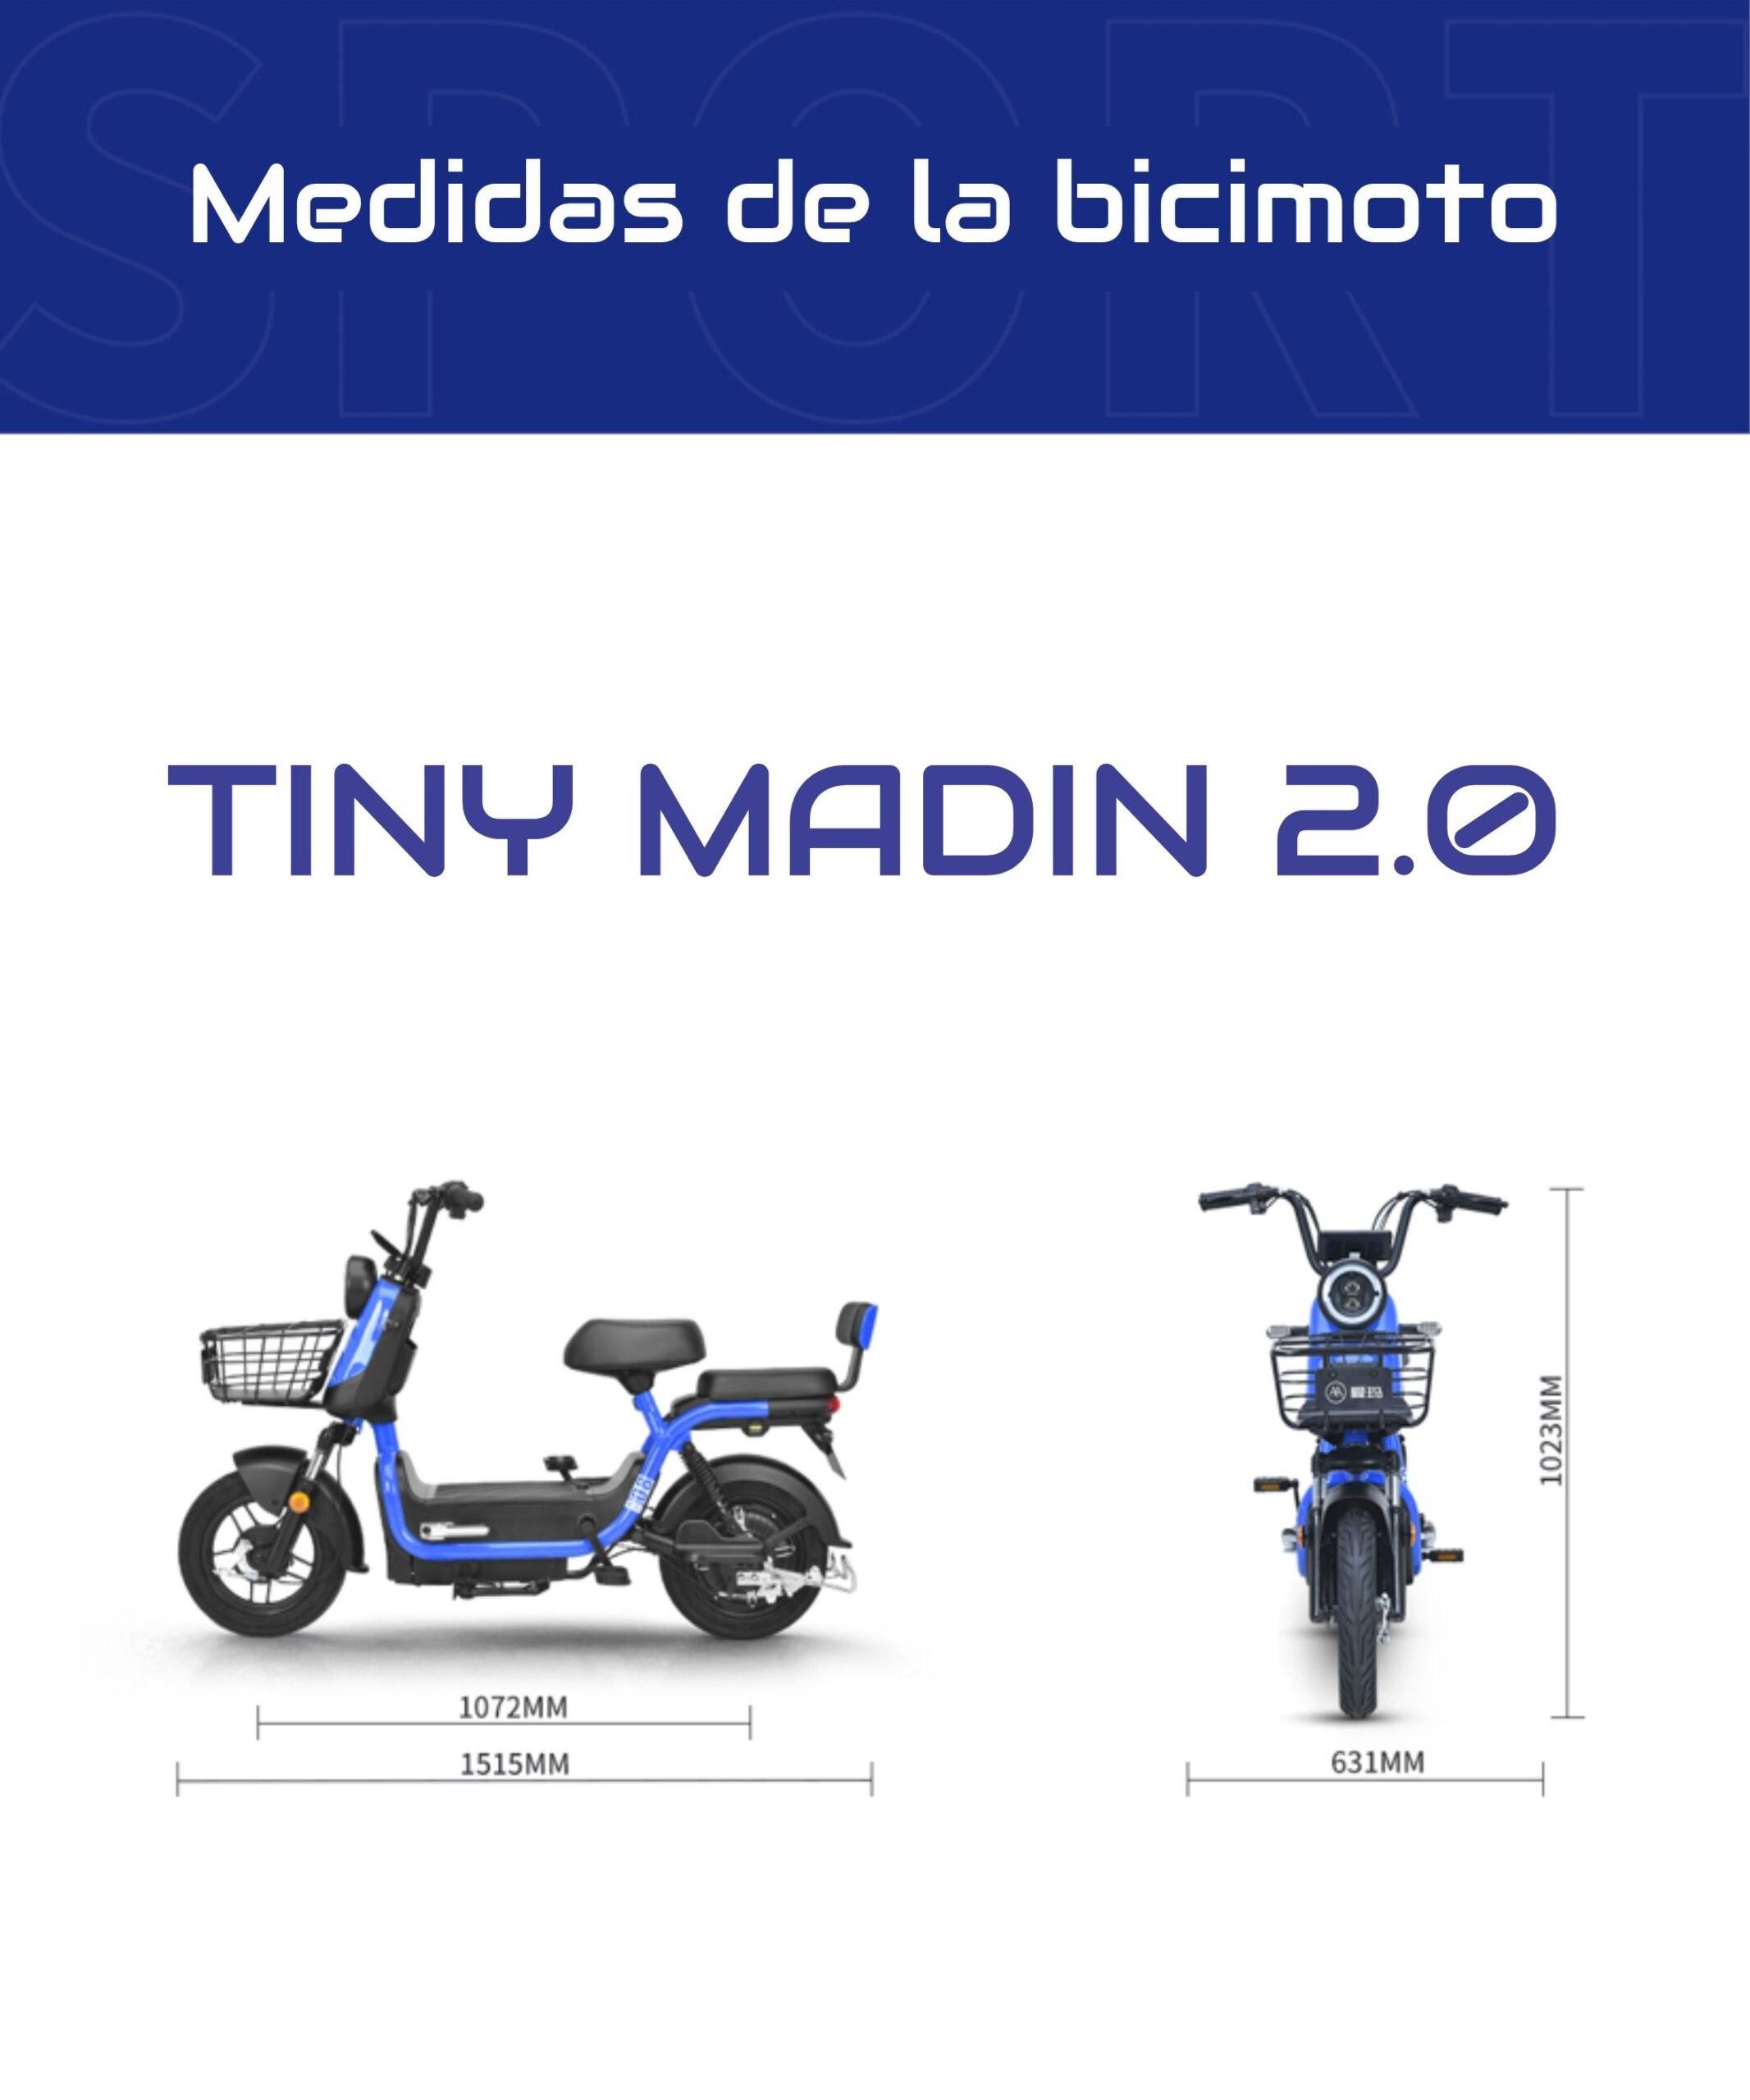 c7 scaled AIMA Peru - Motos Electricas Peru